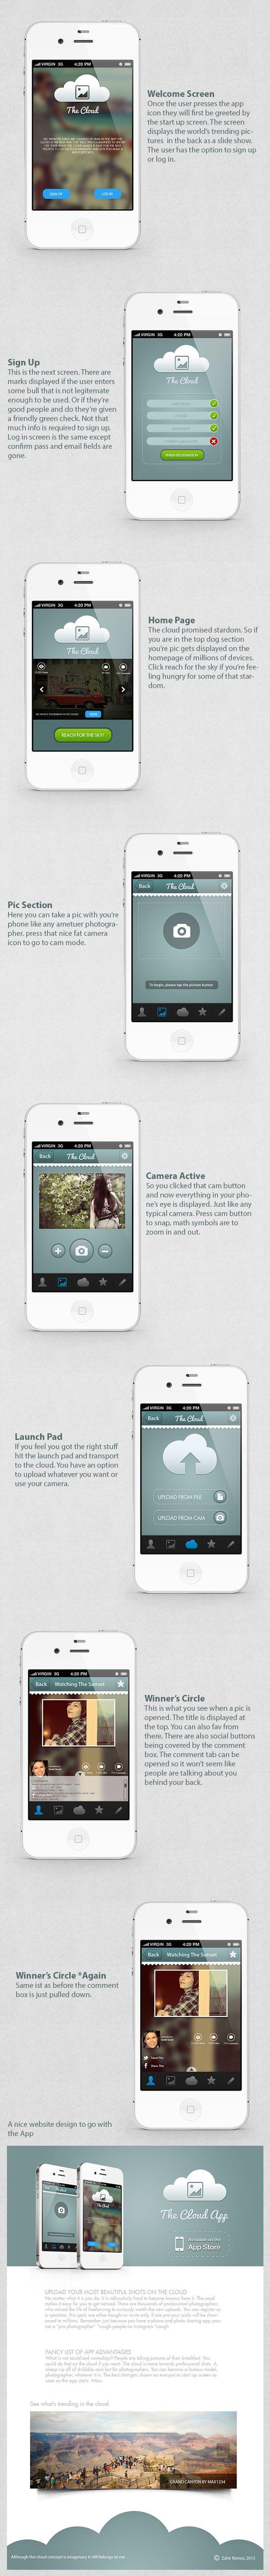 The #Cloud Photo #App - #iOS by Zahir Ramos, via #Behance